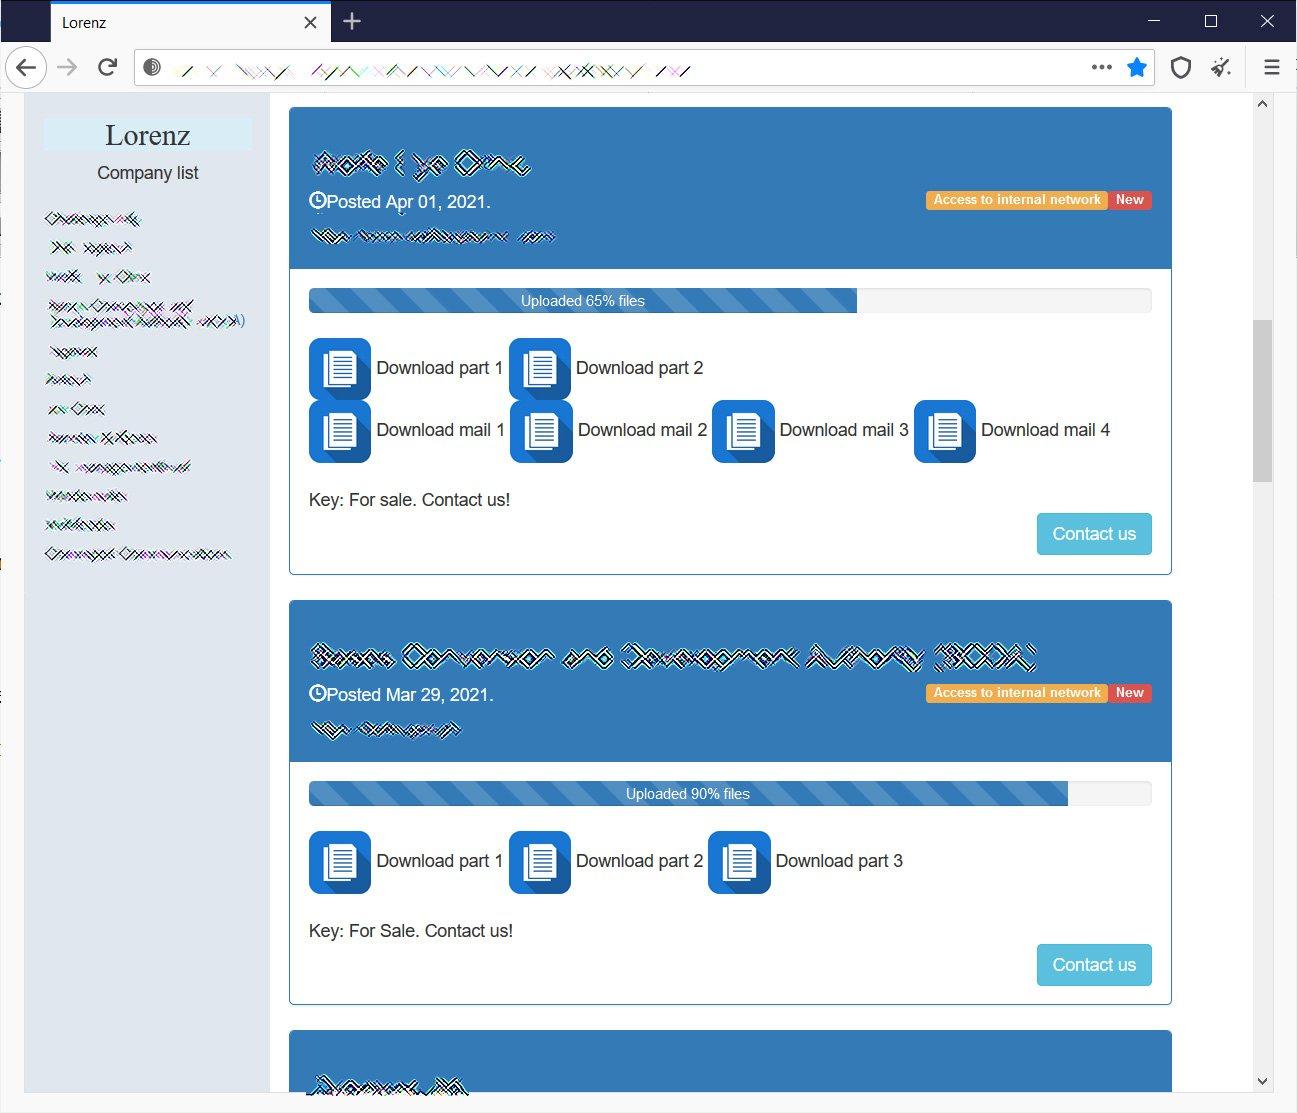 Sitio de fuga de datos de Lorenz ransomware